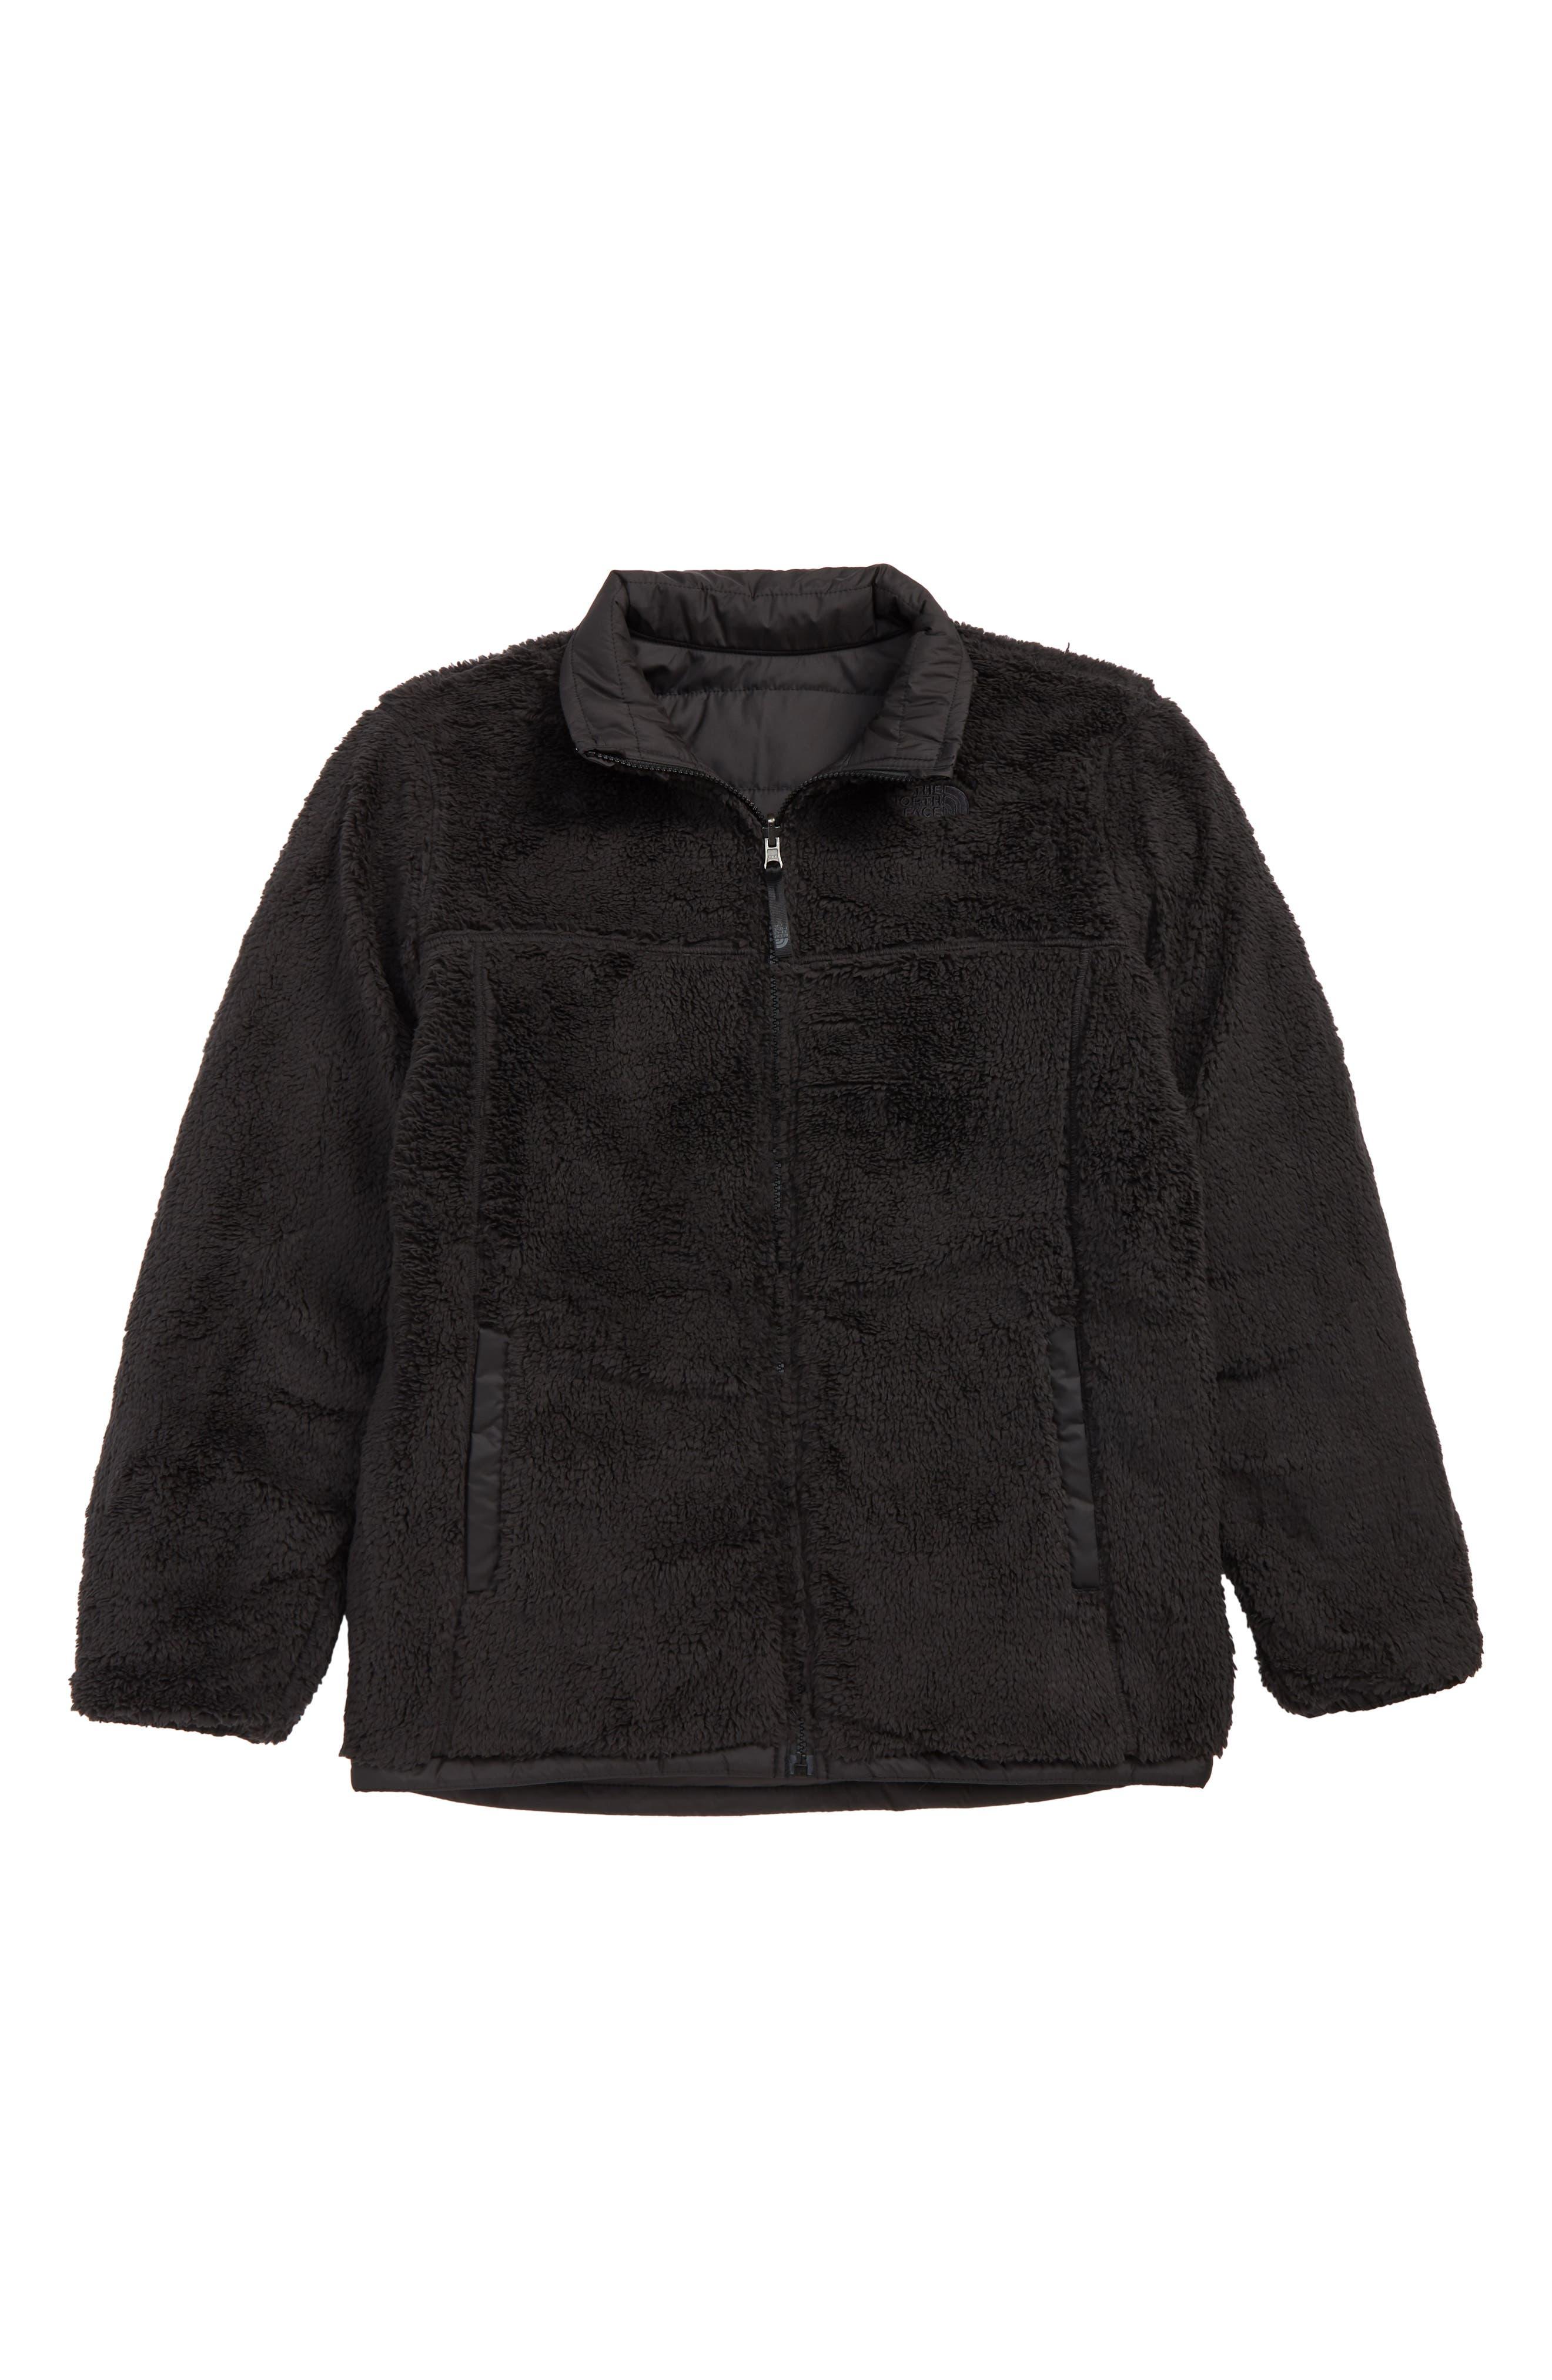 THE NORTH FACE, Mount Chimborazo Reversible Jacket, Alternate thumbnail 2, color, TNF BLACK/ TNF BLACK